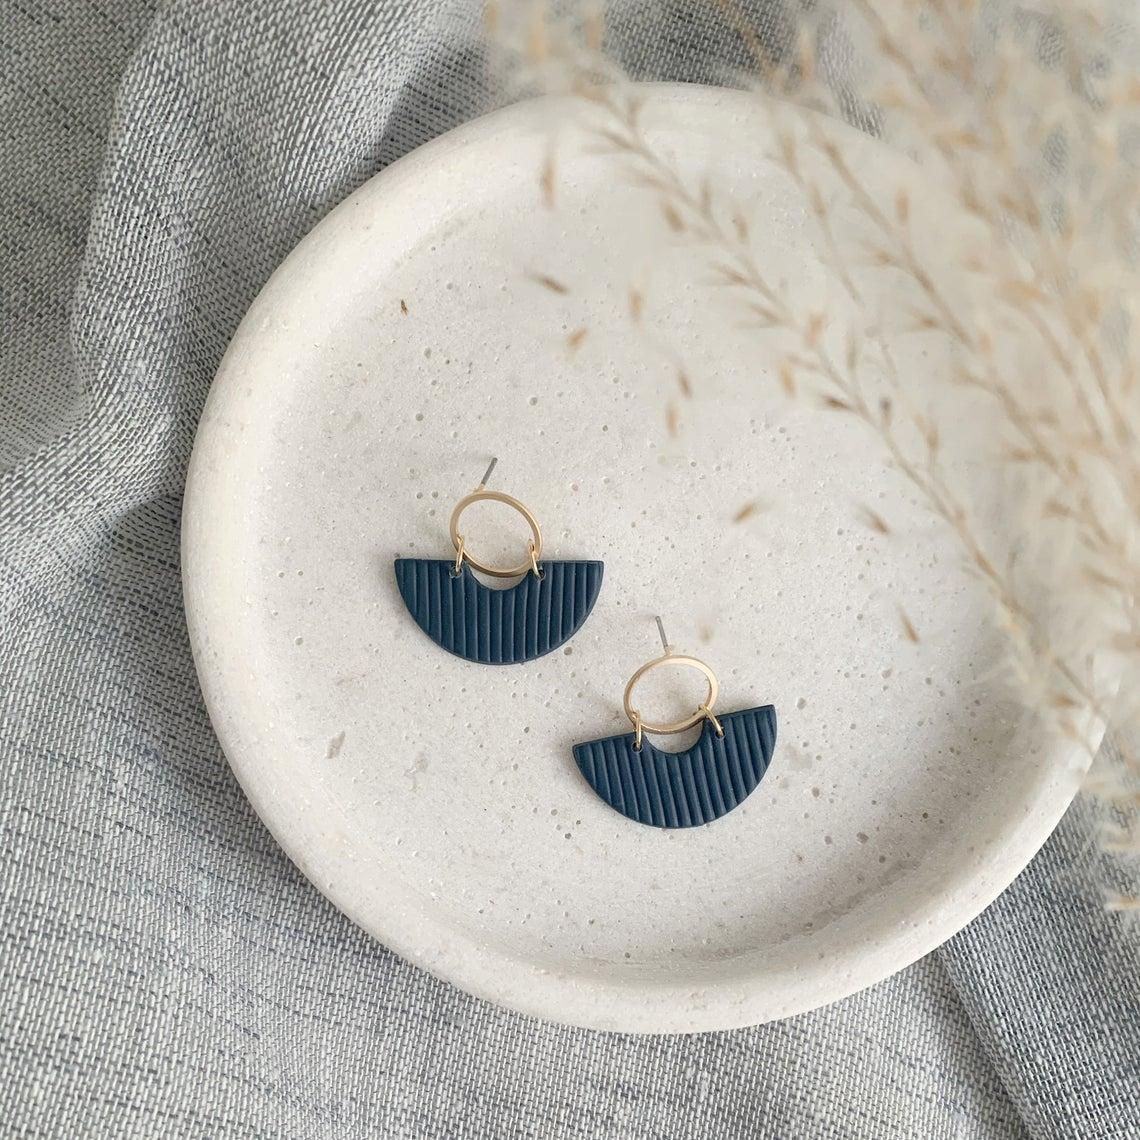 Boucles d'oreille d'argile polymère et laiton